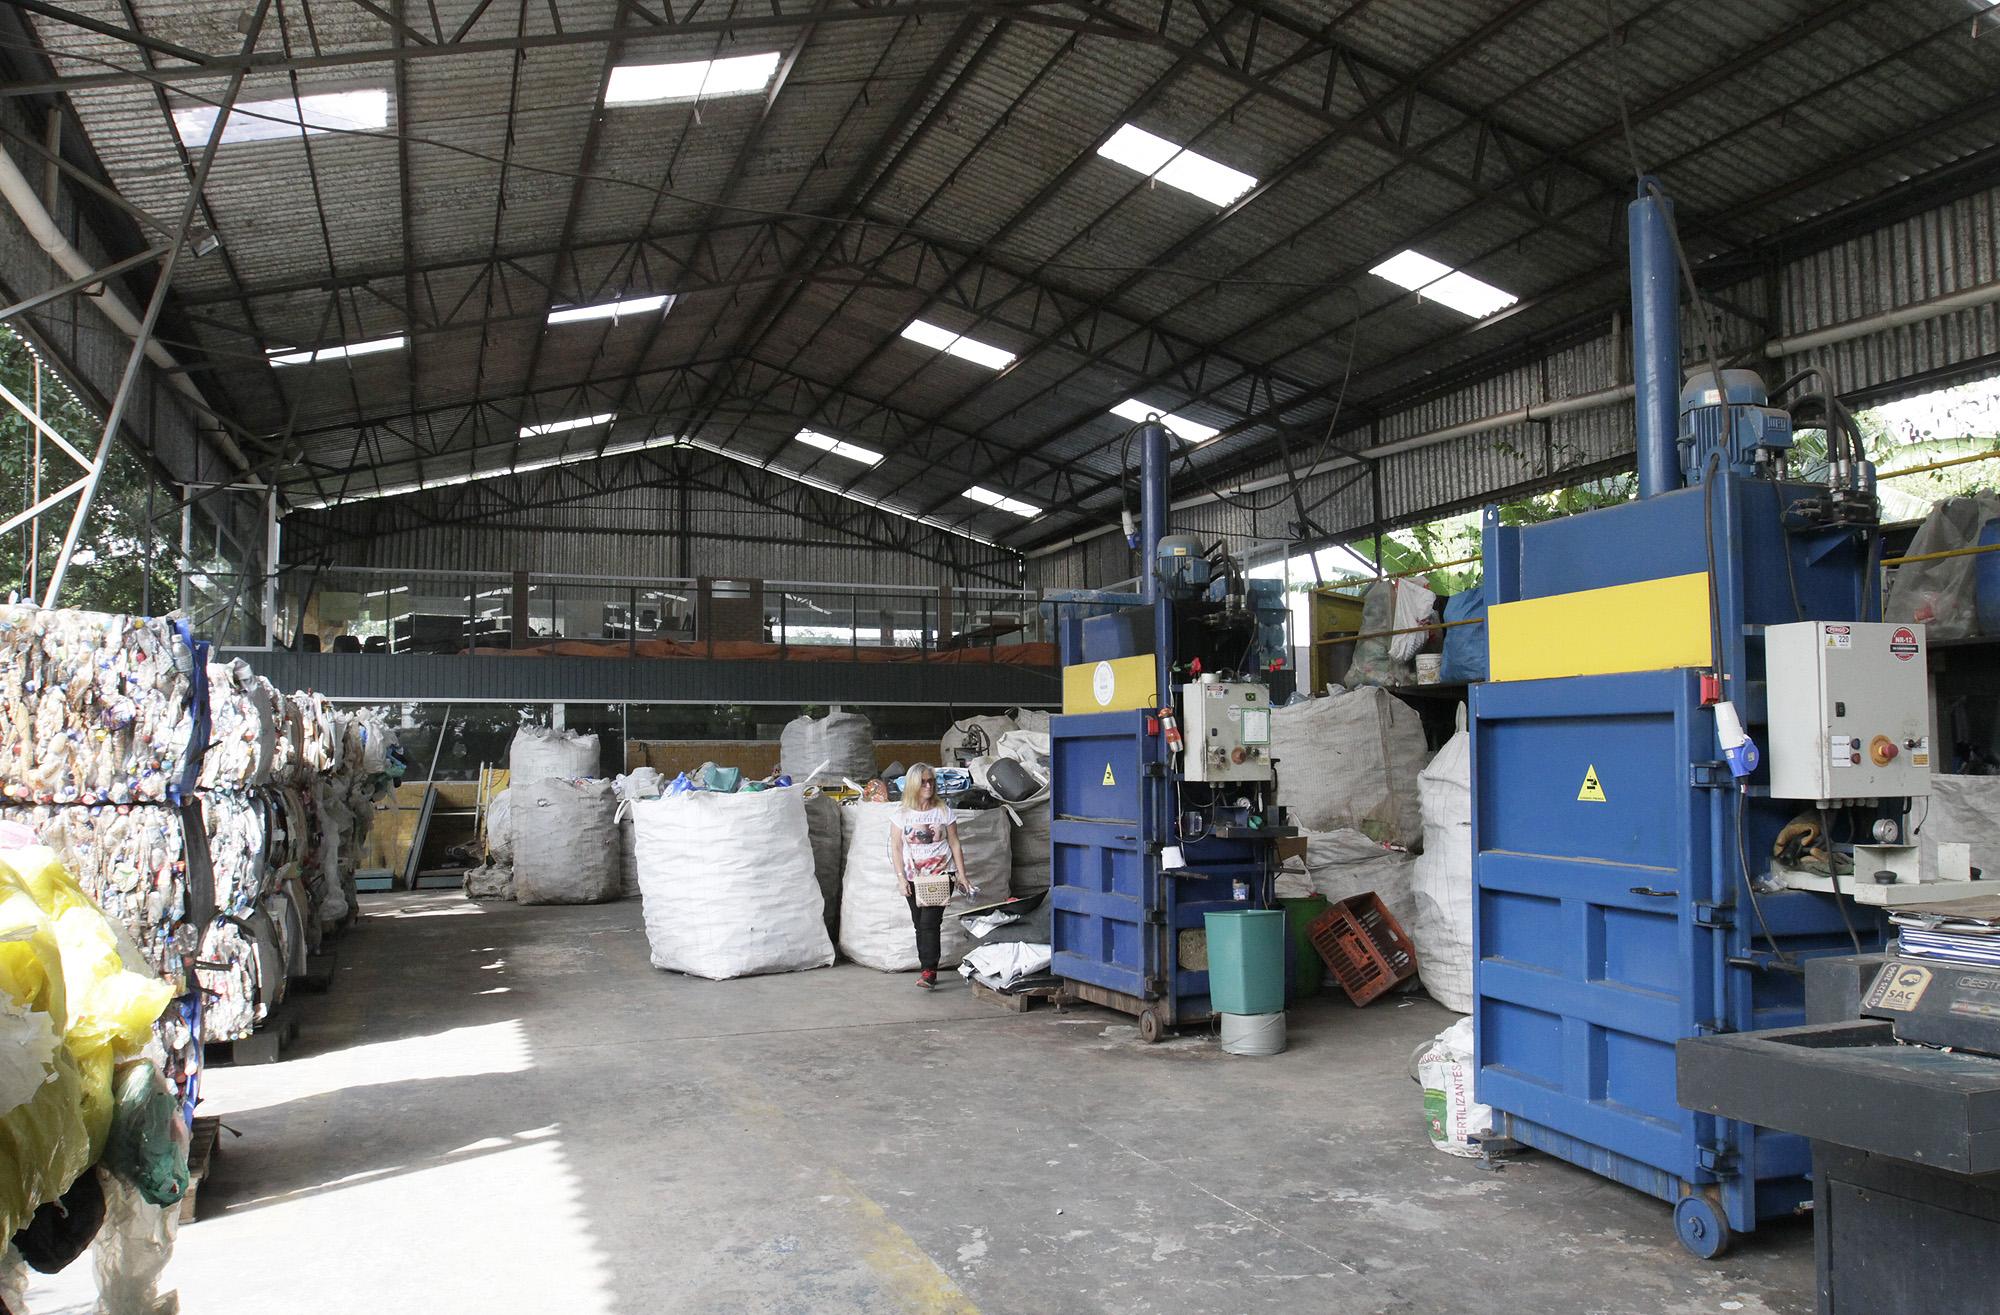 Nova medida da Prefeitura vai beneficiar cerca de 2,3 mil pessoas que dependem da coleta de materiais recicláveis. (Divulgação: Prefeitura de São Paulo)